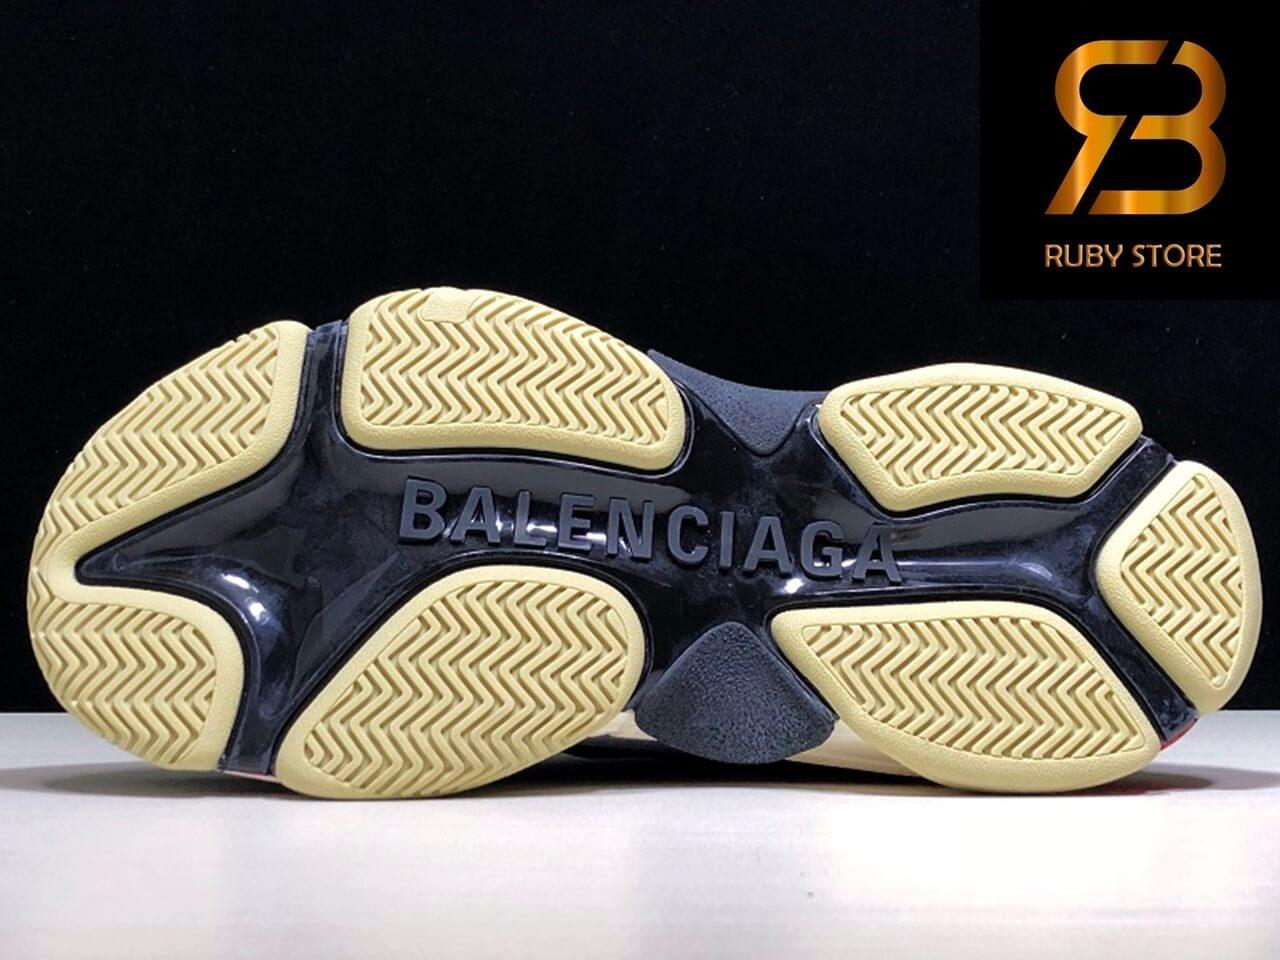 giày balenciaga triple s black red replica 1:1 siêu cấp